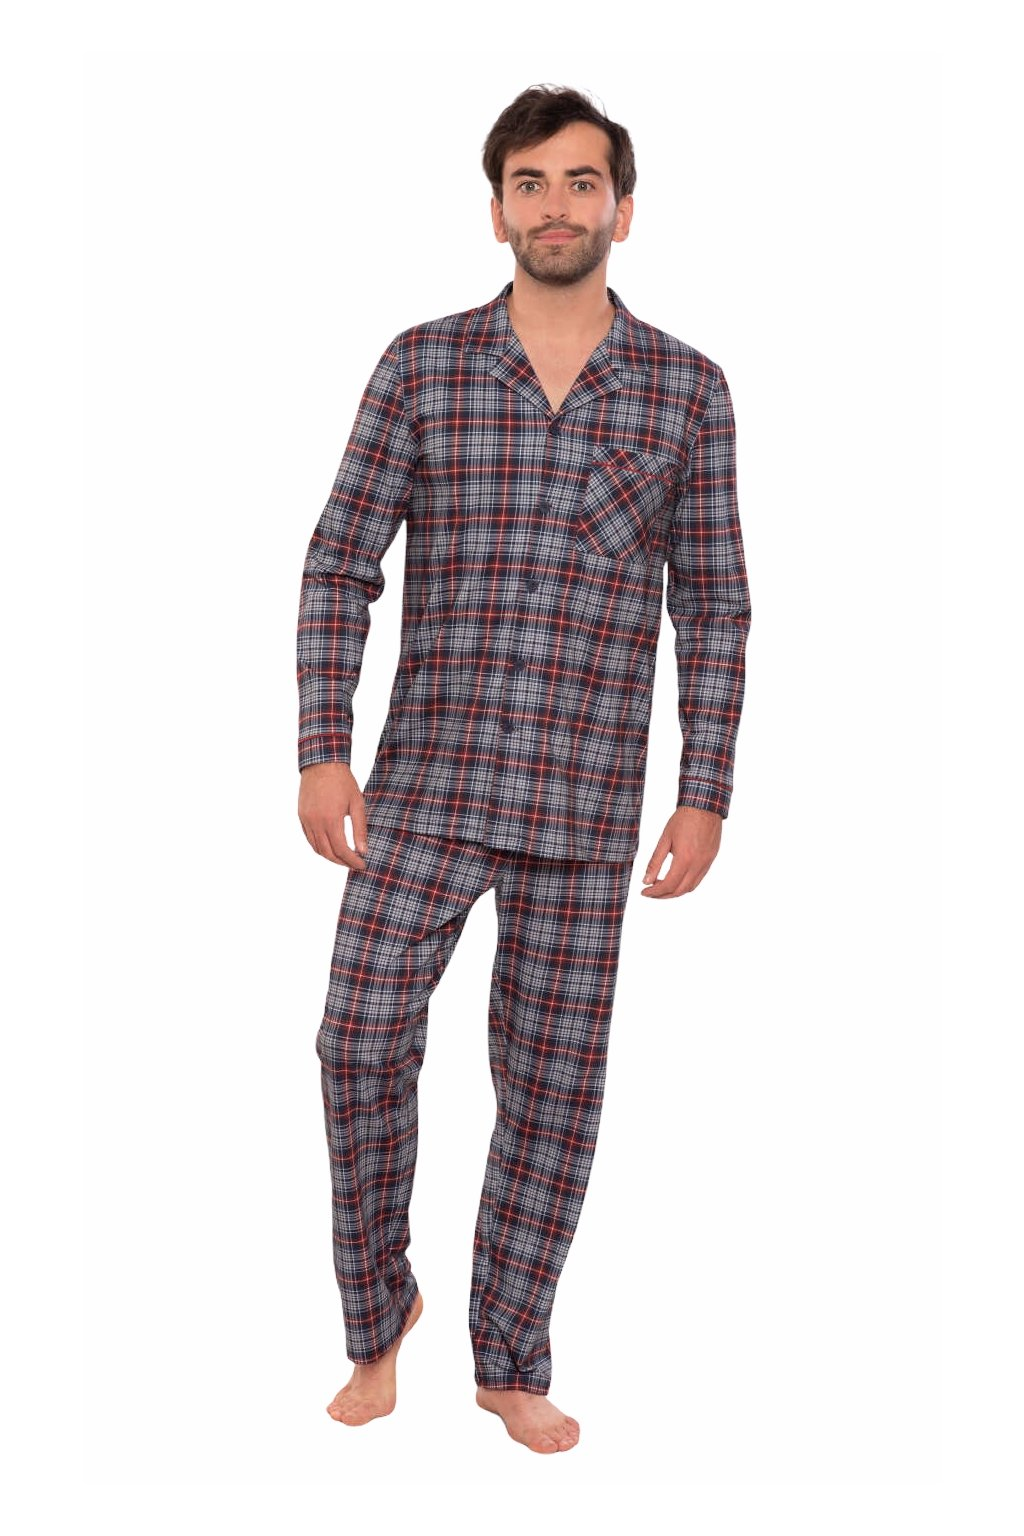 Pánské pyžamo s dlouhým rukávem, 204133 28, modrá